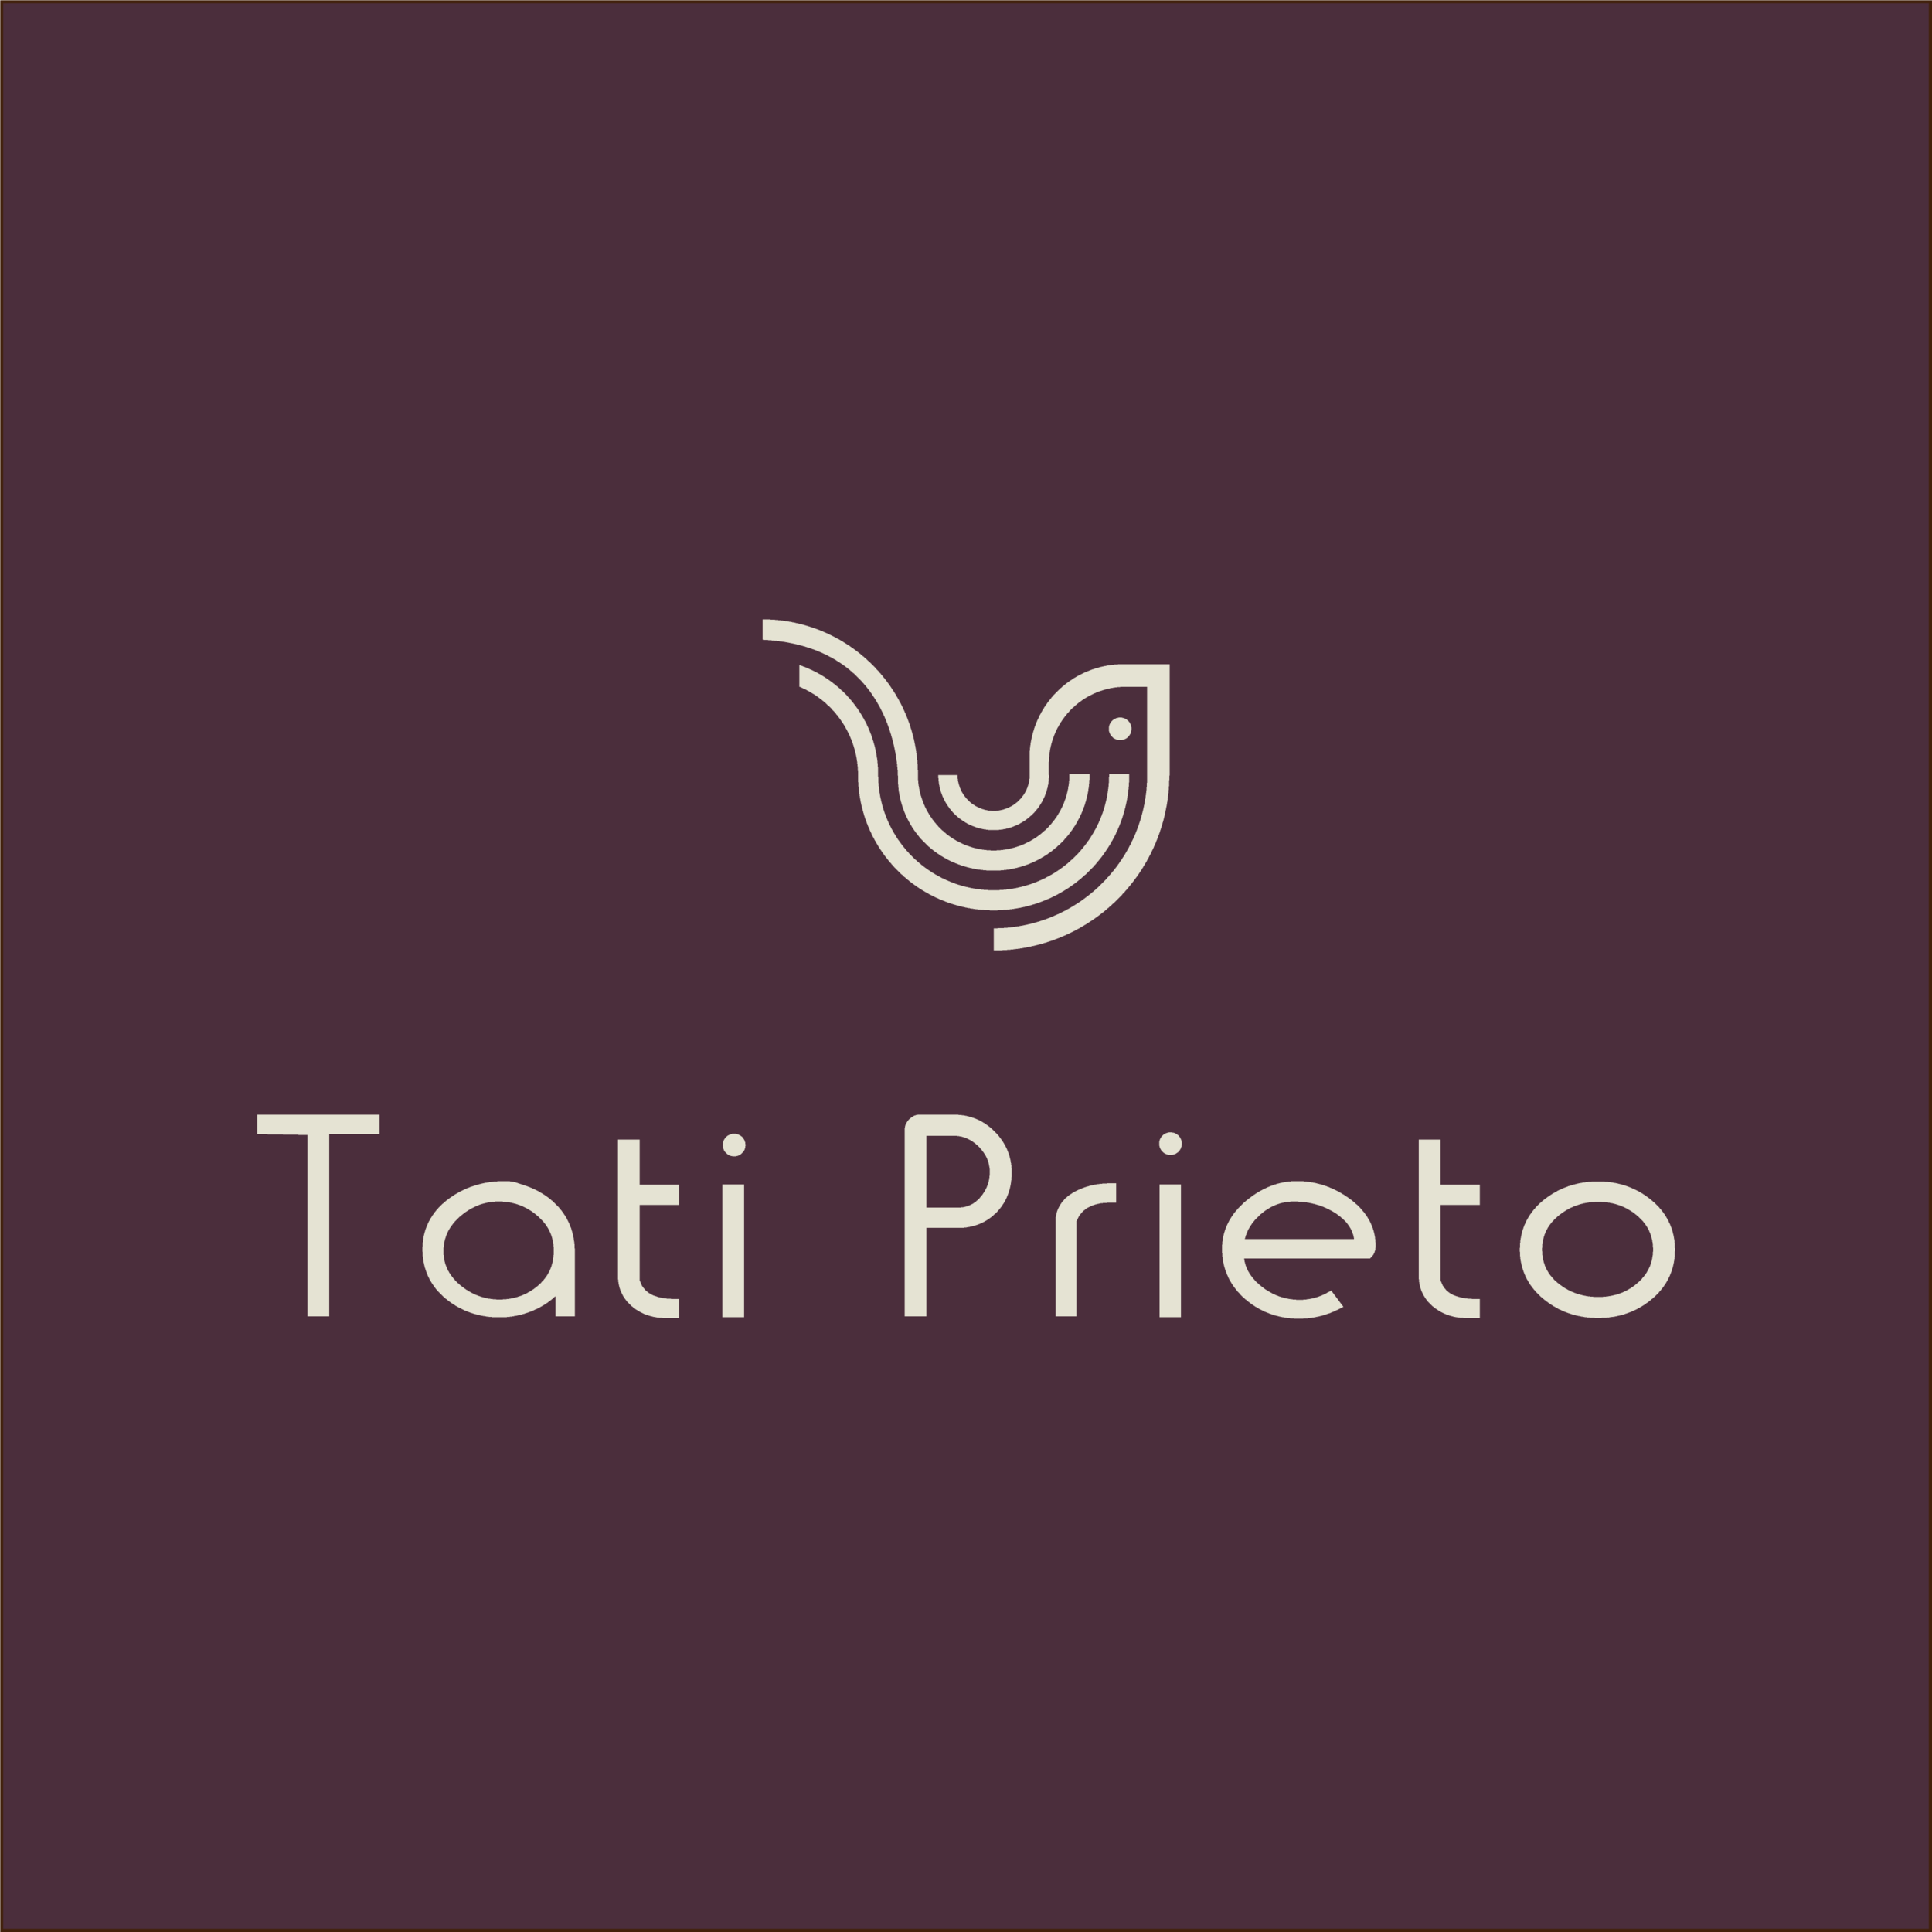 Tati Prieto!.png